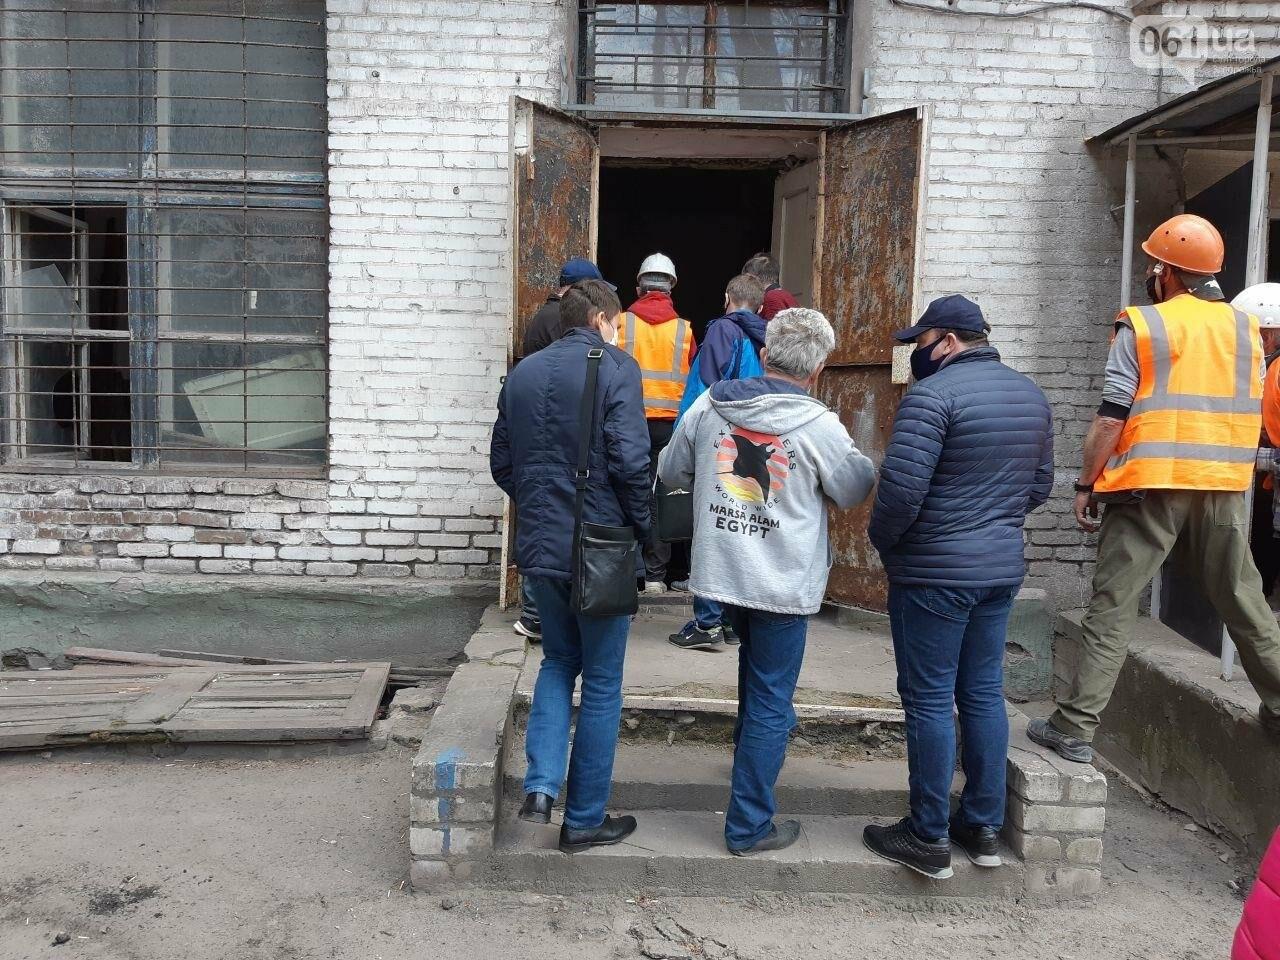 В Запорожье в жилом доме обвалилась опорная стена: открыто уголовное дело, людей переселяют в общежития, - ФОТОРЕПОРТАЖ, фото-11